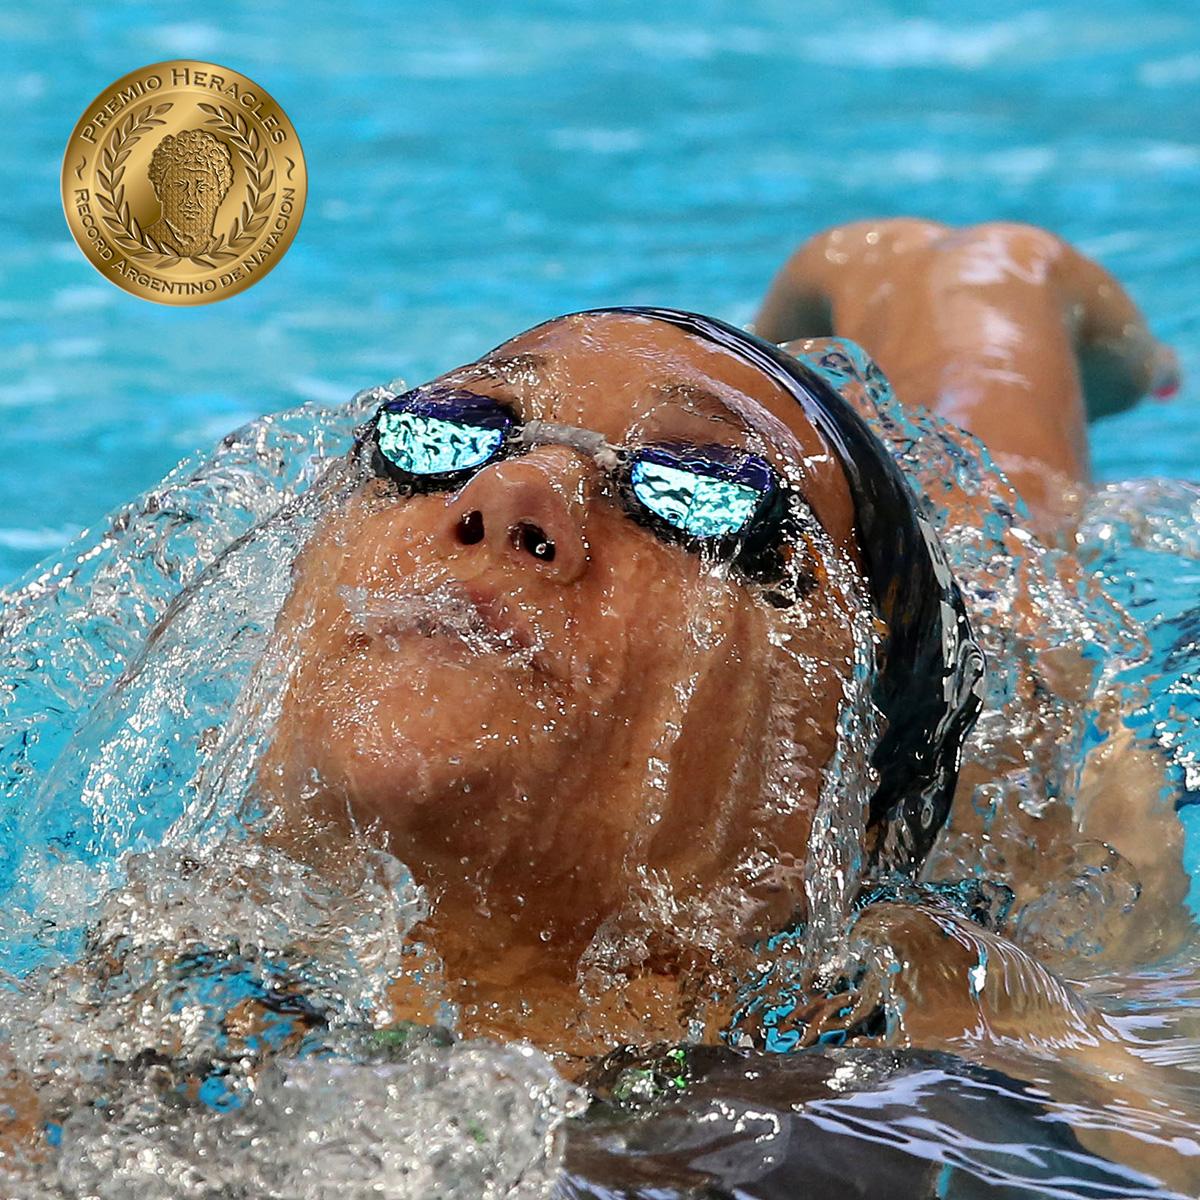 Andrea Berrino consigue medalla y récord en el Campeonato Sudamericano de Natación